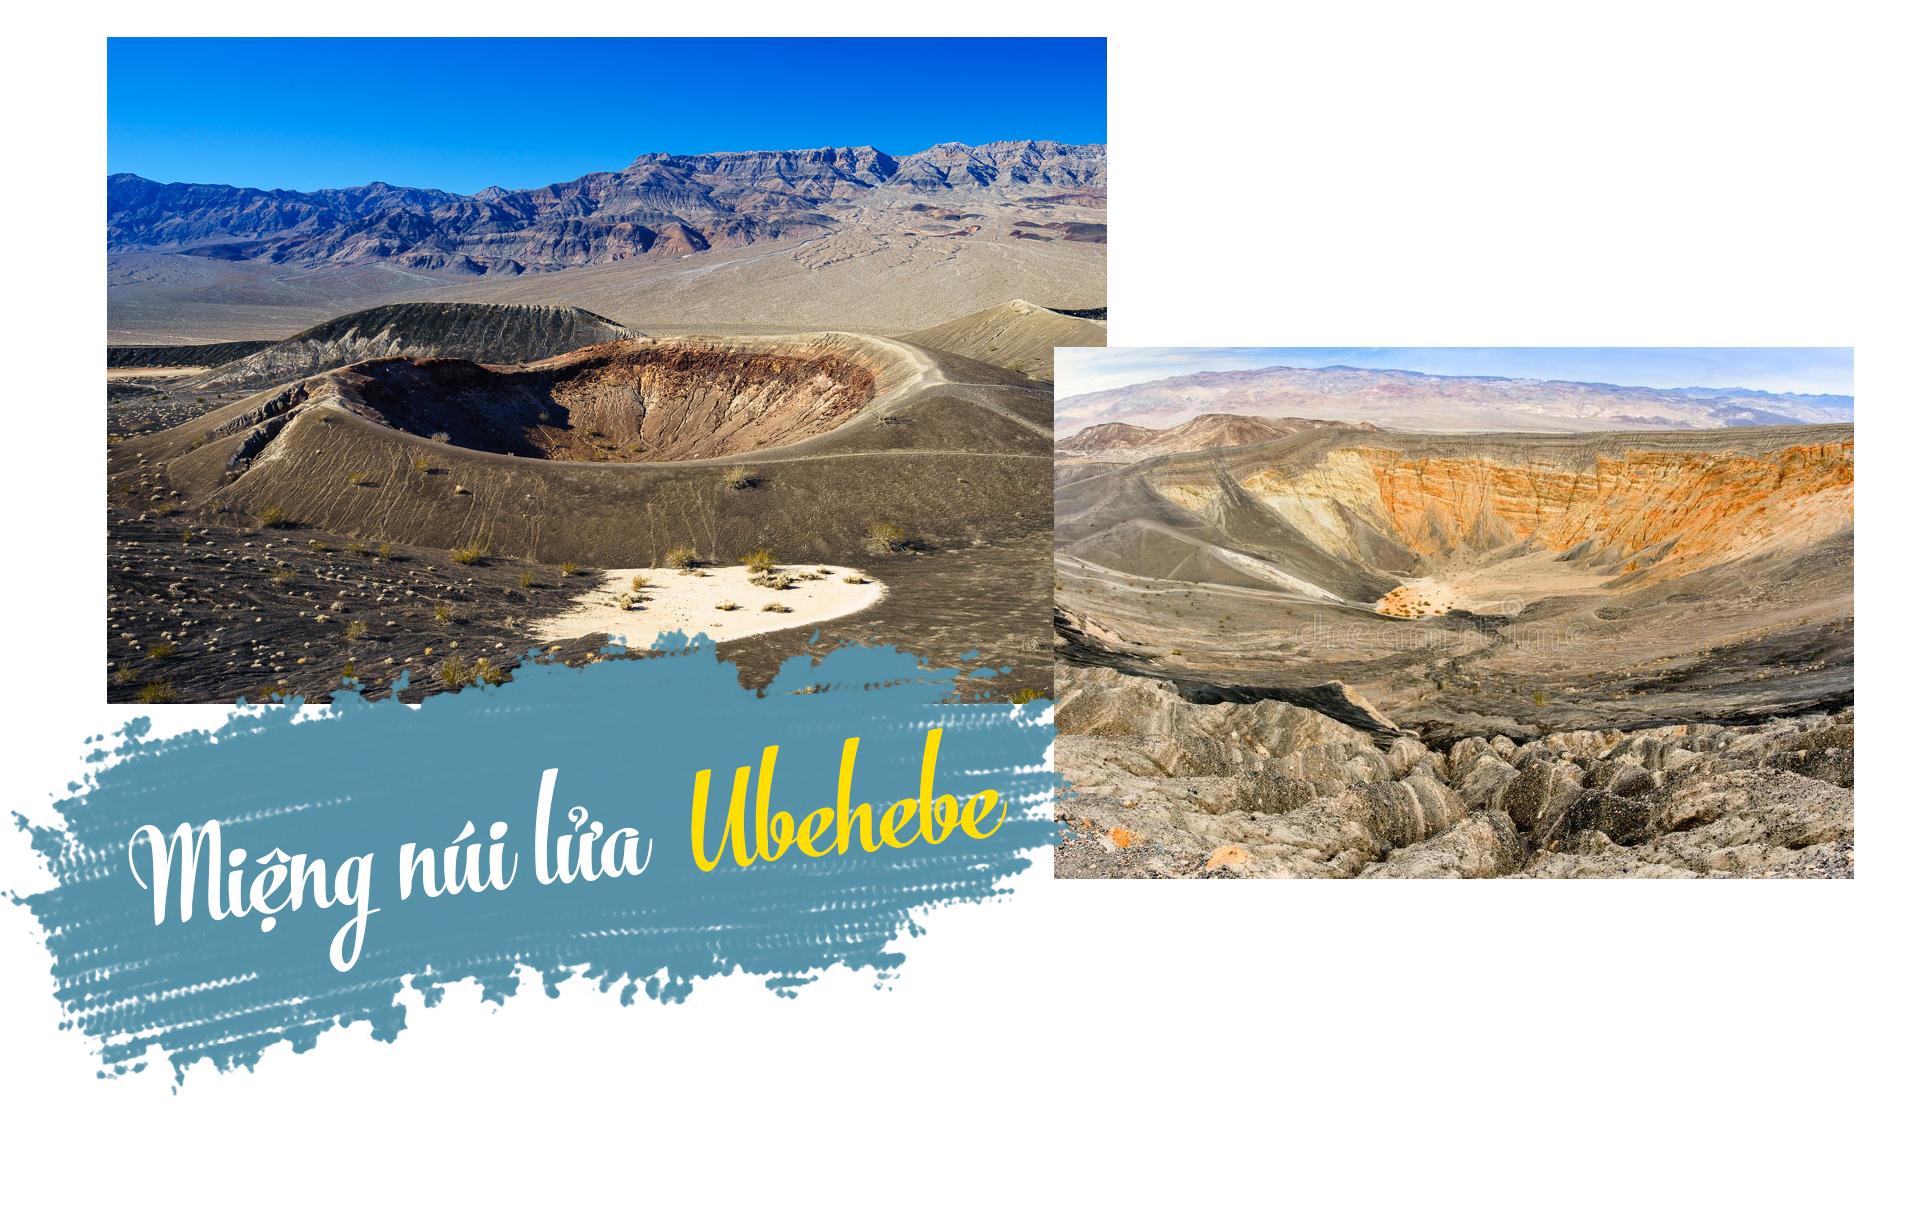 Những hình ảnh siêu thực như ở hành tinh khác chỉ có ở Thung lũng Chết - 11